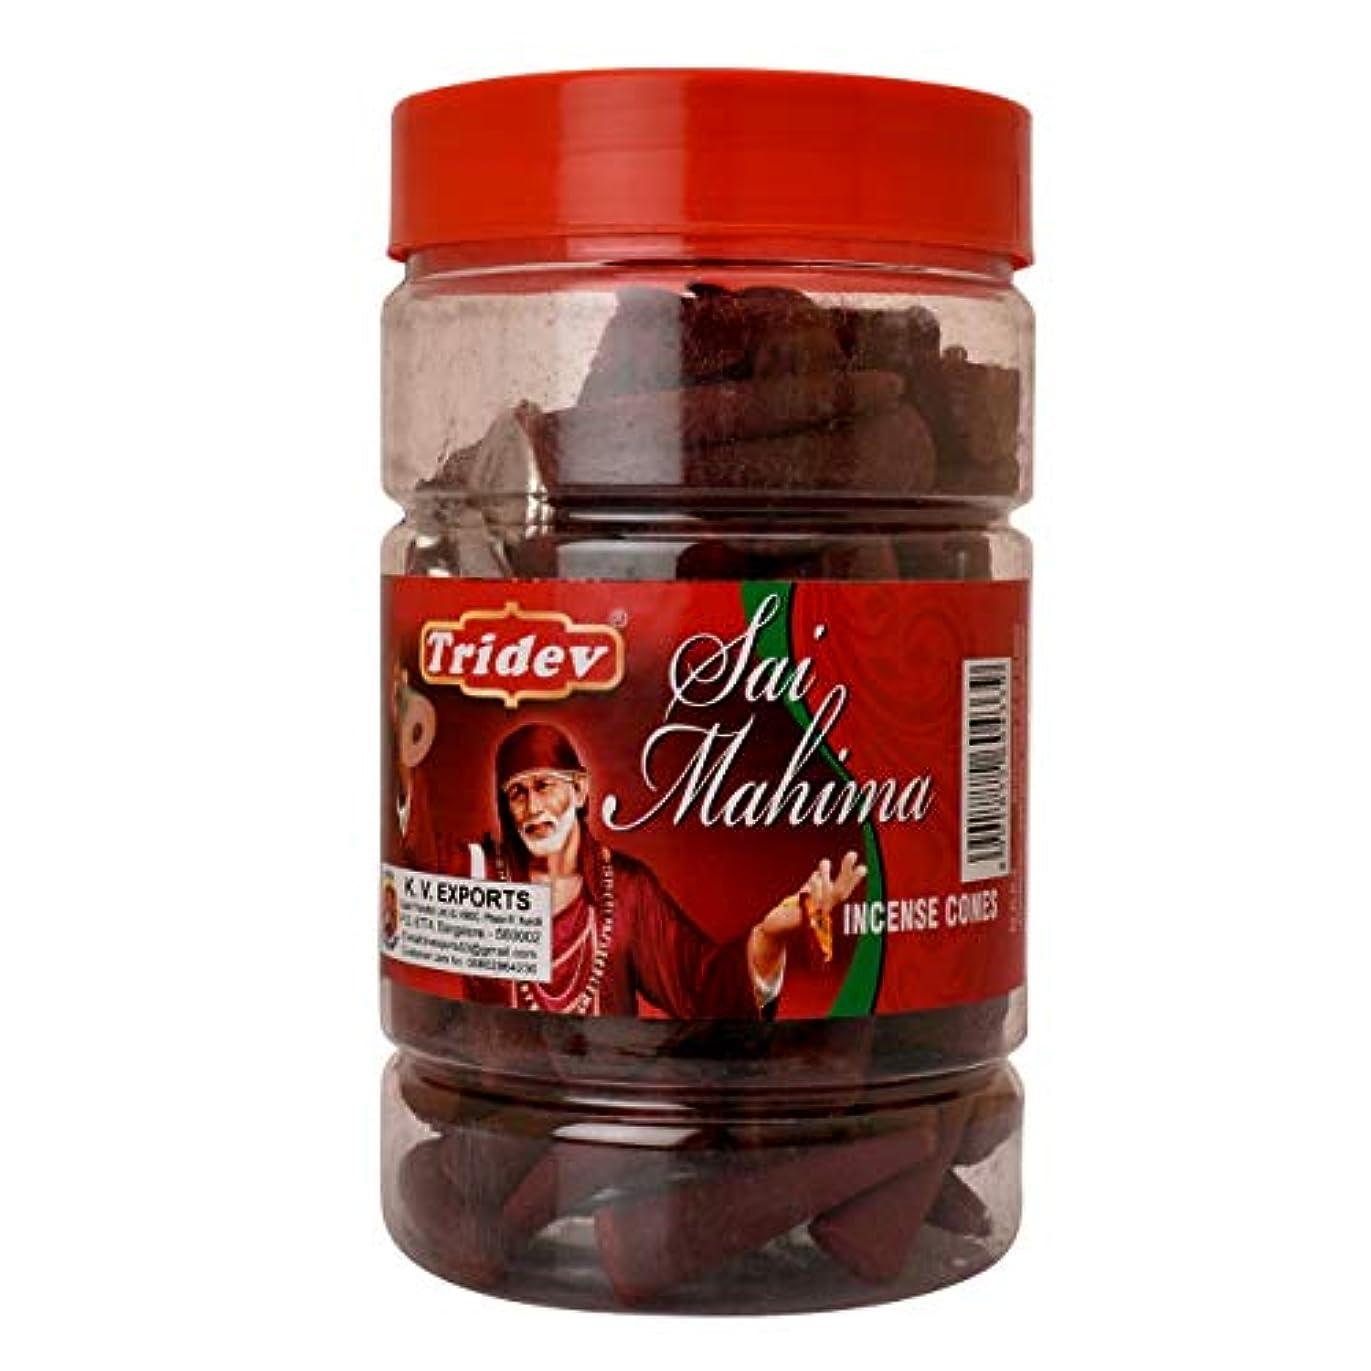 サージ仮称悪魔Tridev Sai Mahima フレグランス コーン型お香瓶 1350グラム ボックス入り   6瓶 225グラム 箱入り   輸出品質